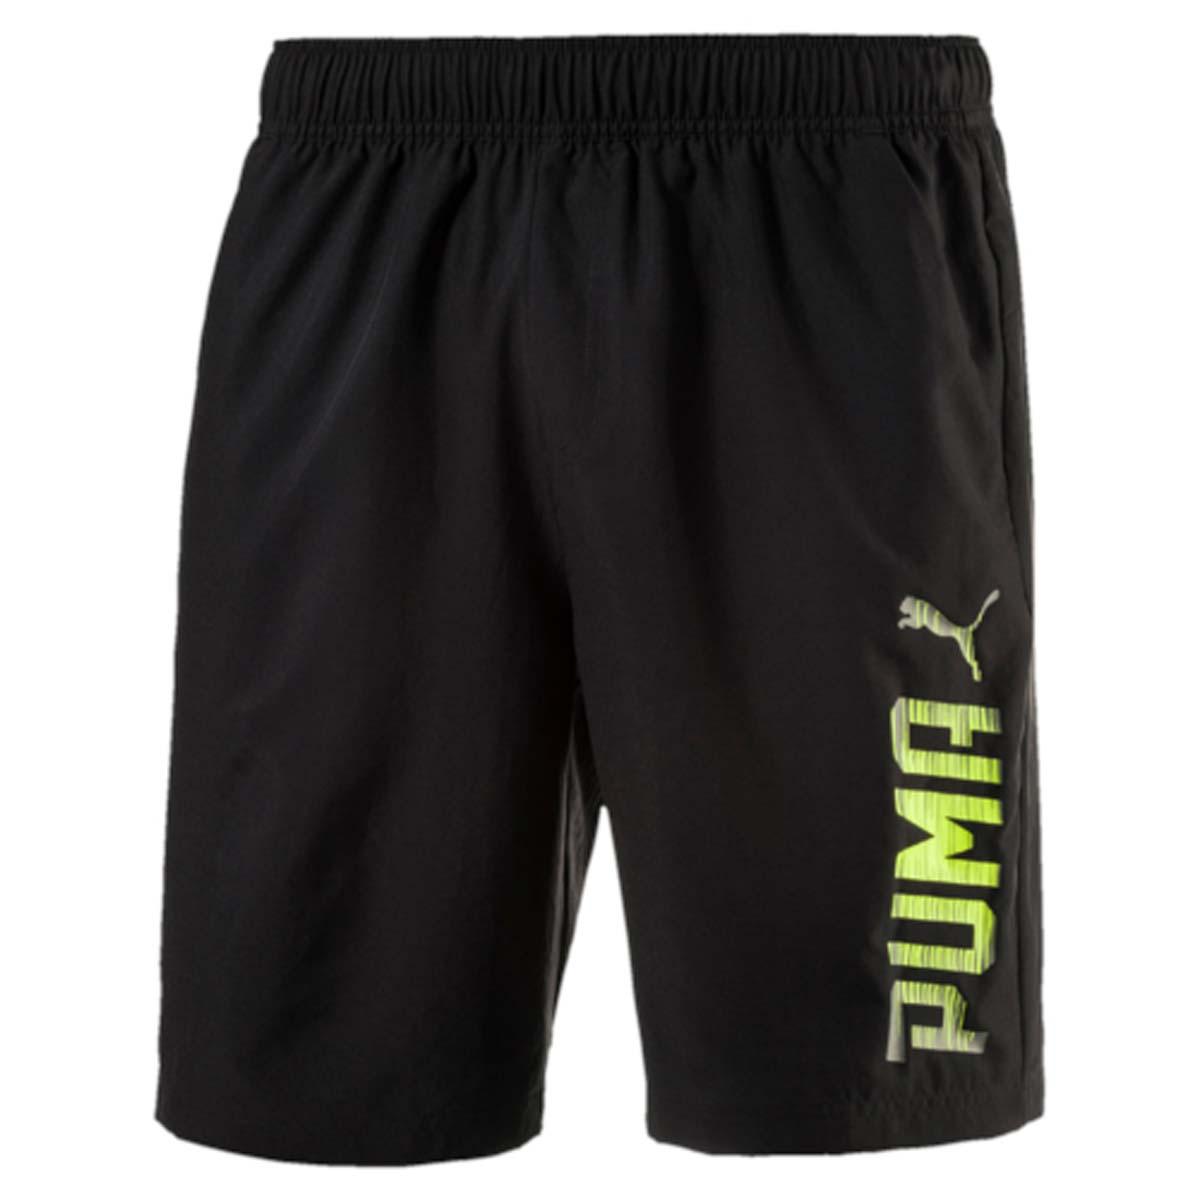 Шорты590614_01Мужские спортивные шорты Rebel Woven Shorts изготовлены из 100% полиэстера. Эластичный пояс снабжен внутренними завязками для лучшей посадки по фигуре. Изделие имеет стандартную посадку, боковые карманы в швах, классический покрой. Шорты декорированы резиновым логотипом PUMA на левой штанине. Модель не стесняет движений, обеспечивая удобство и комфорт во время занятий.